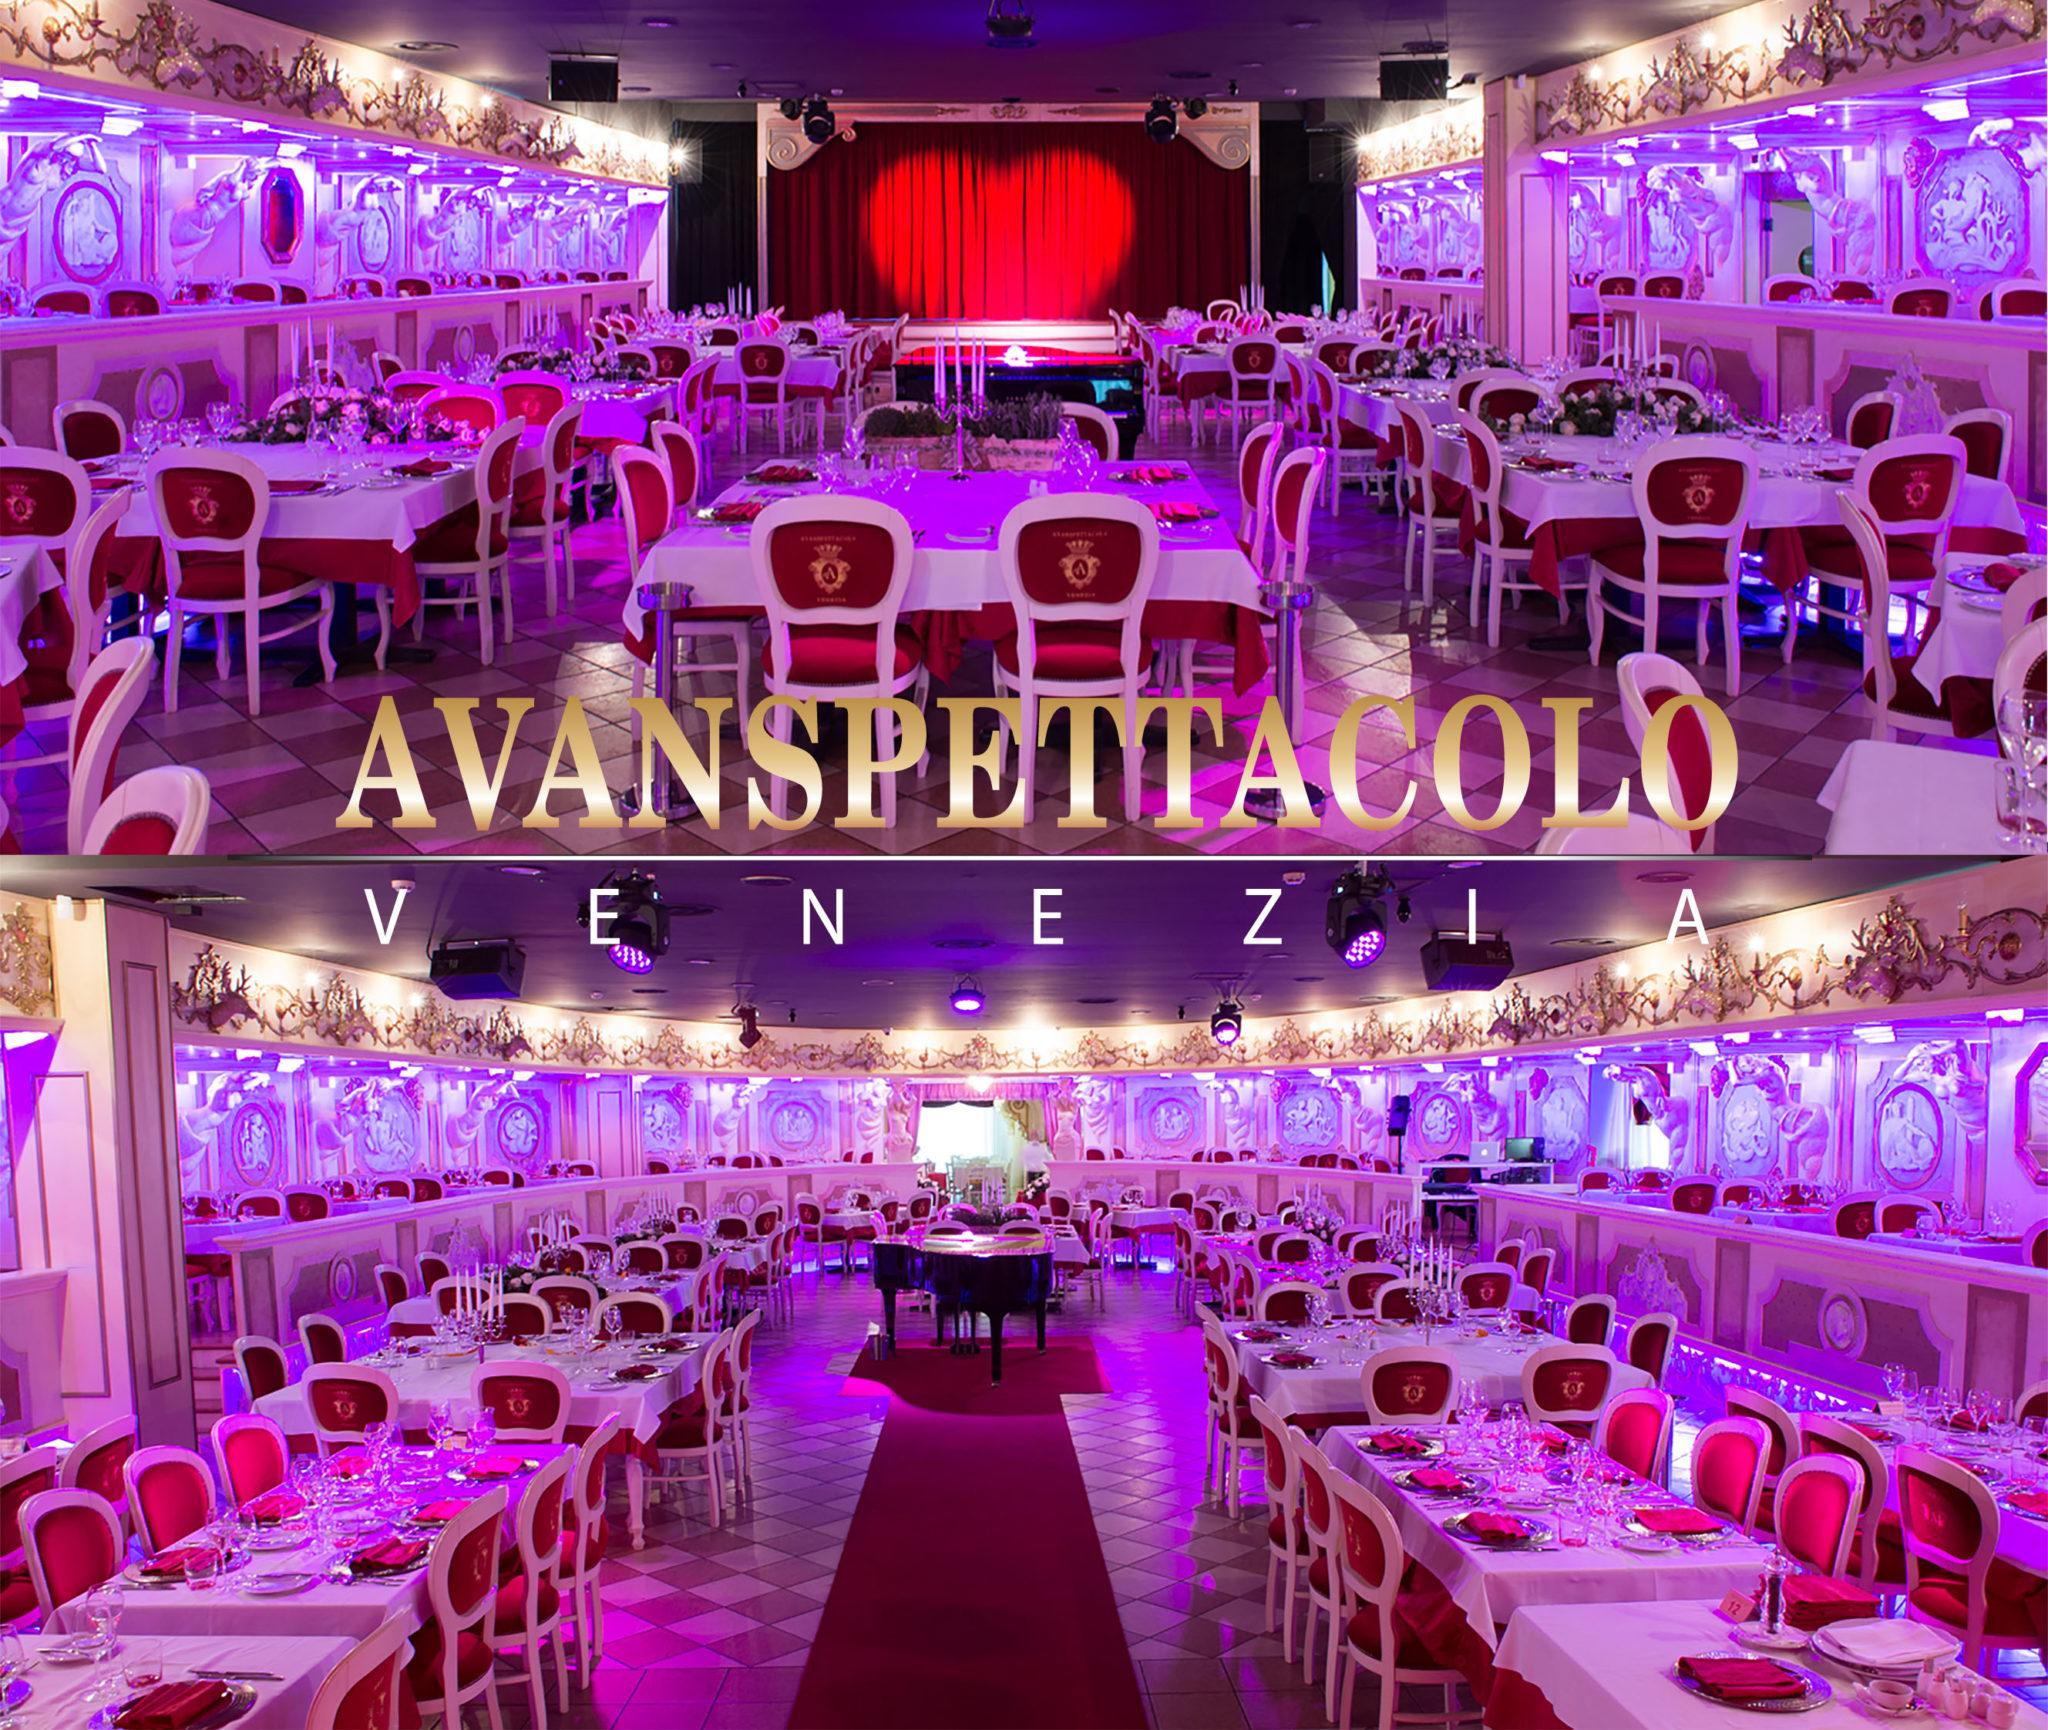 avanspettacolovenezia theatrehall 4